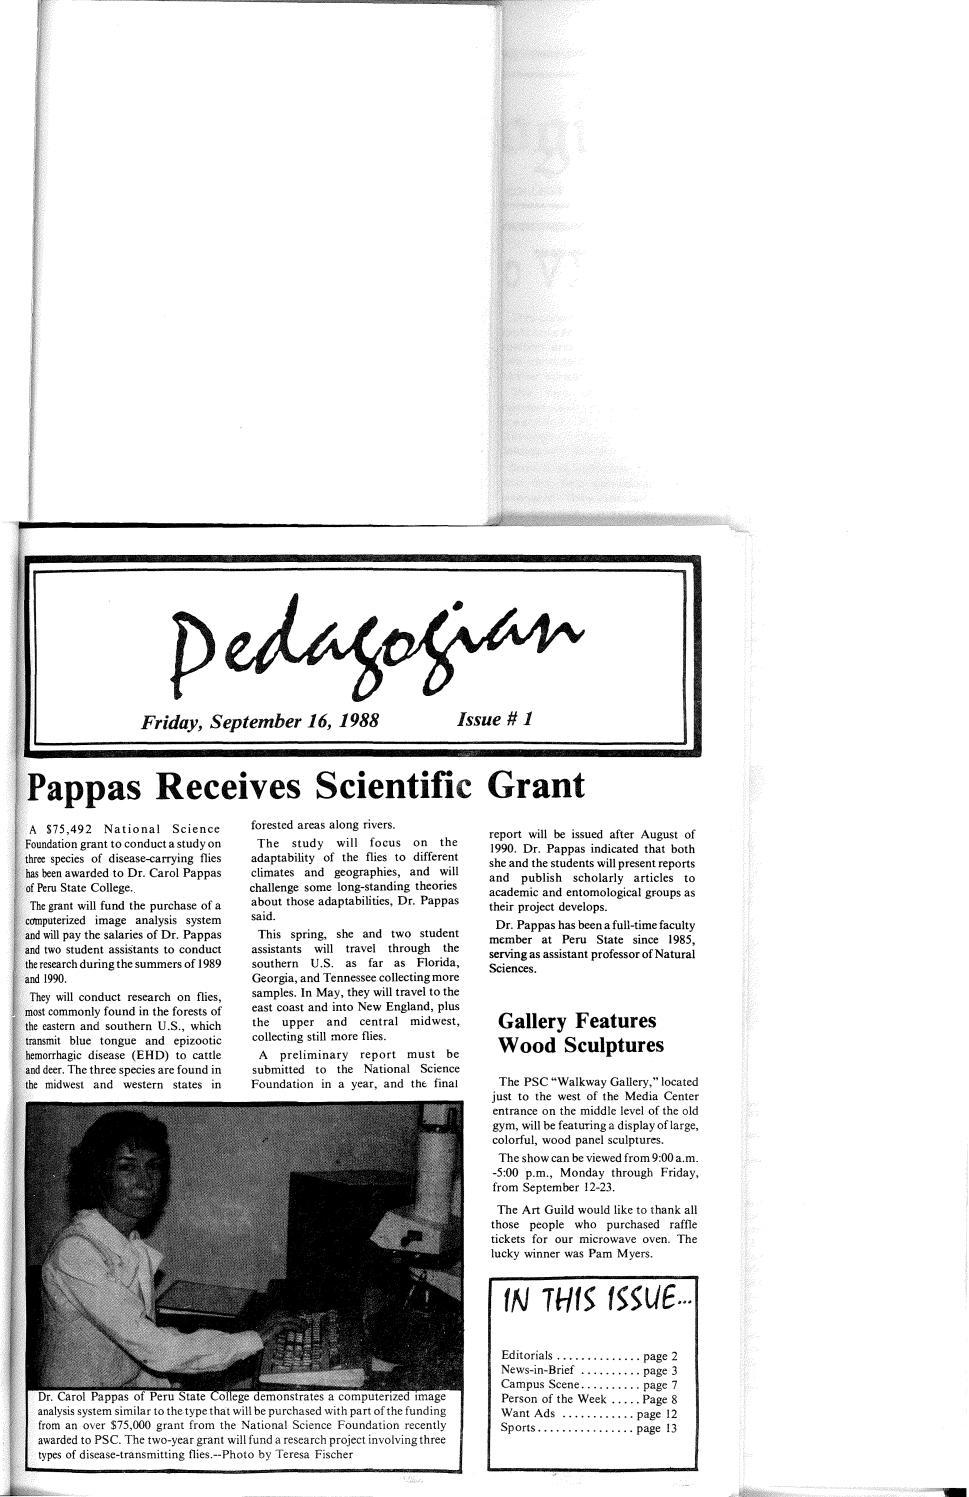 a3703f48 1988-1989 Peru Pedagogian - issues 1-13 by Peru State College Library -  issuu